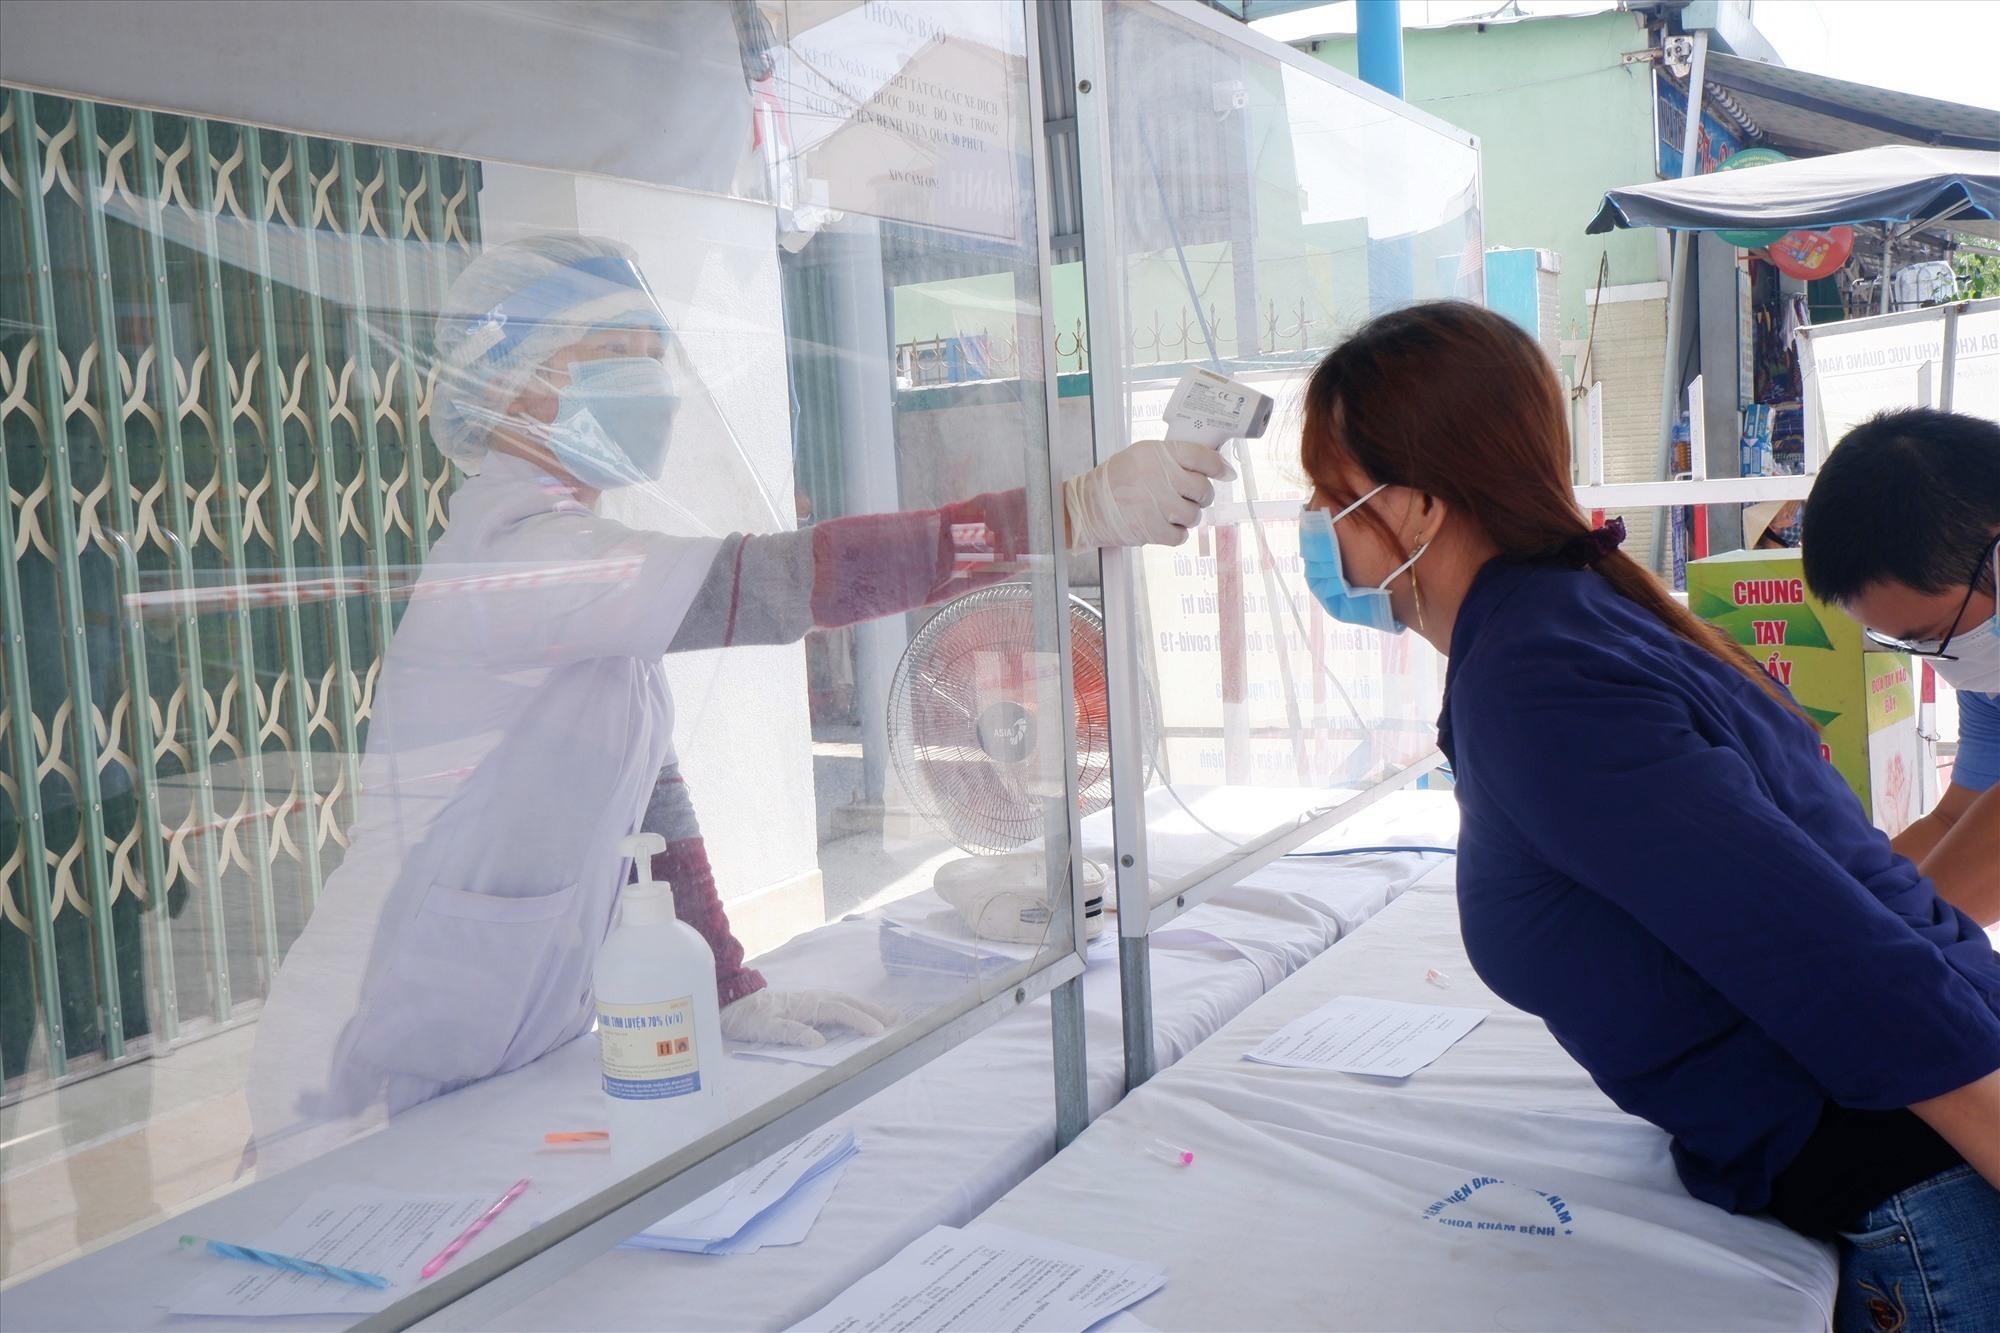 Siết chặt các hoạt động kiểm soát tại các cơ sở y tế được đặt ra. Ảnh; X.H